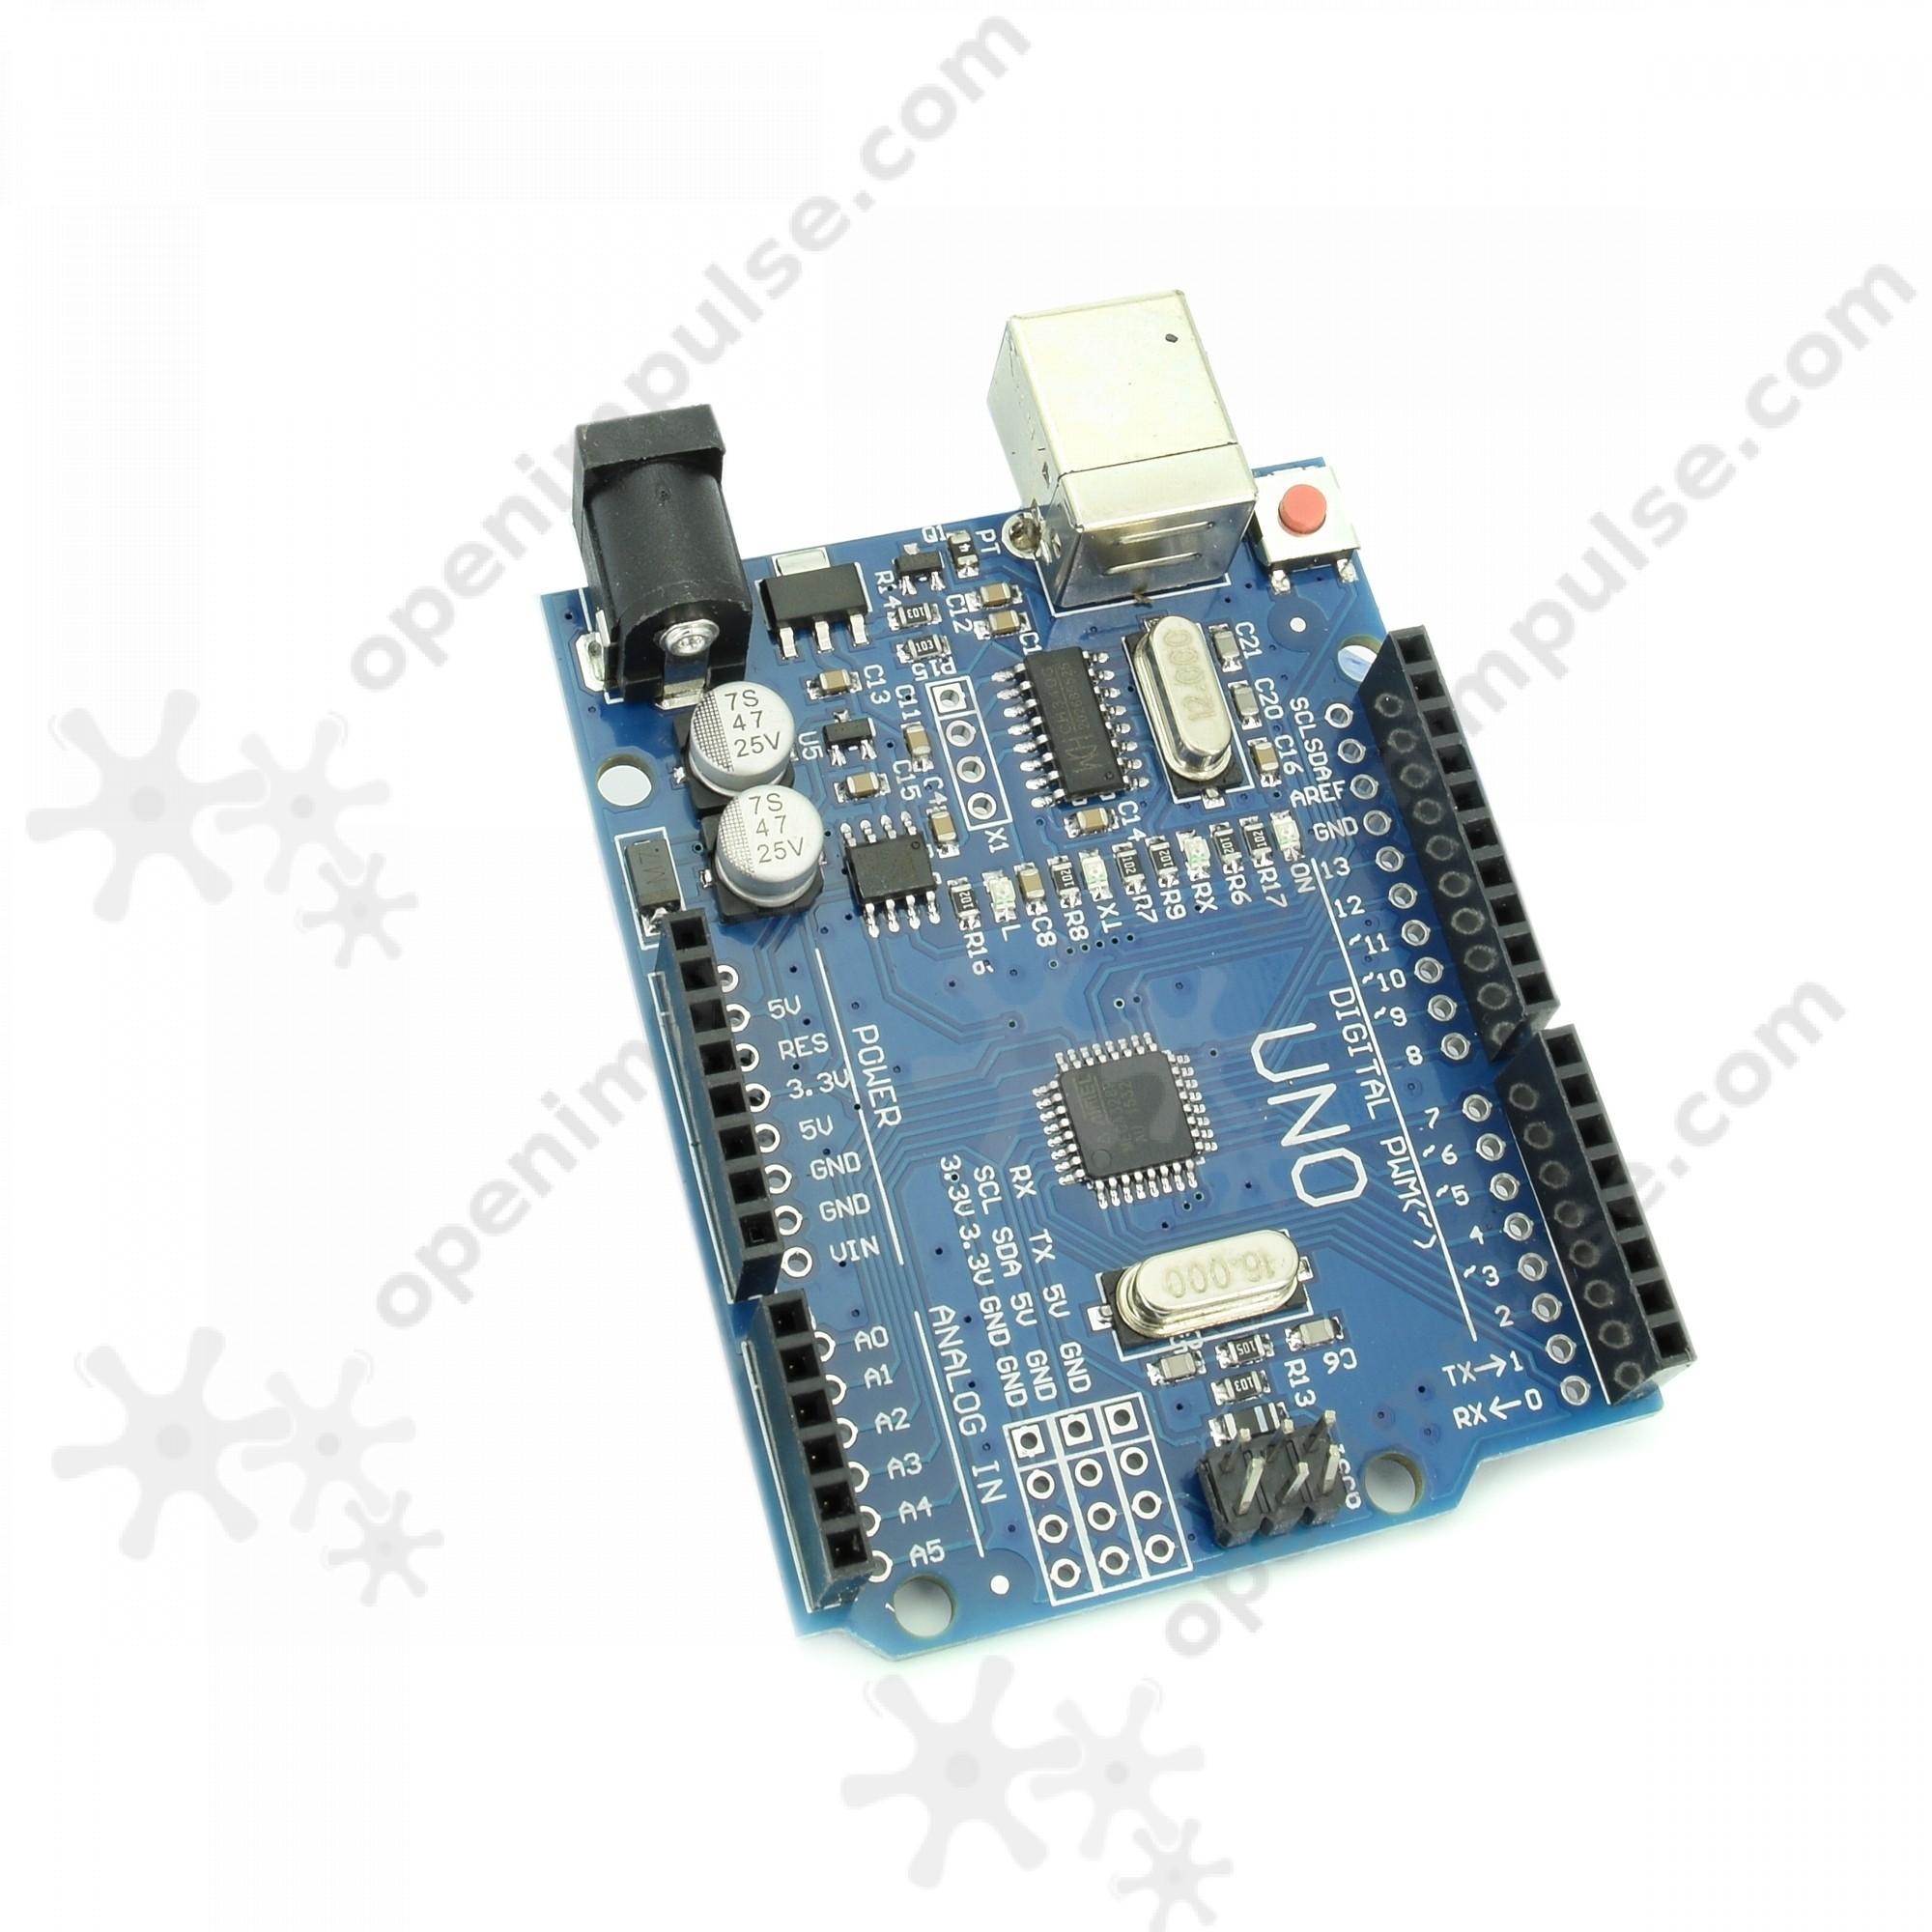 UNO Development Board with ATmega328p and CH340 (Arduino